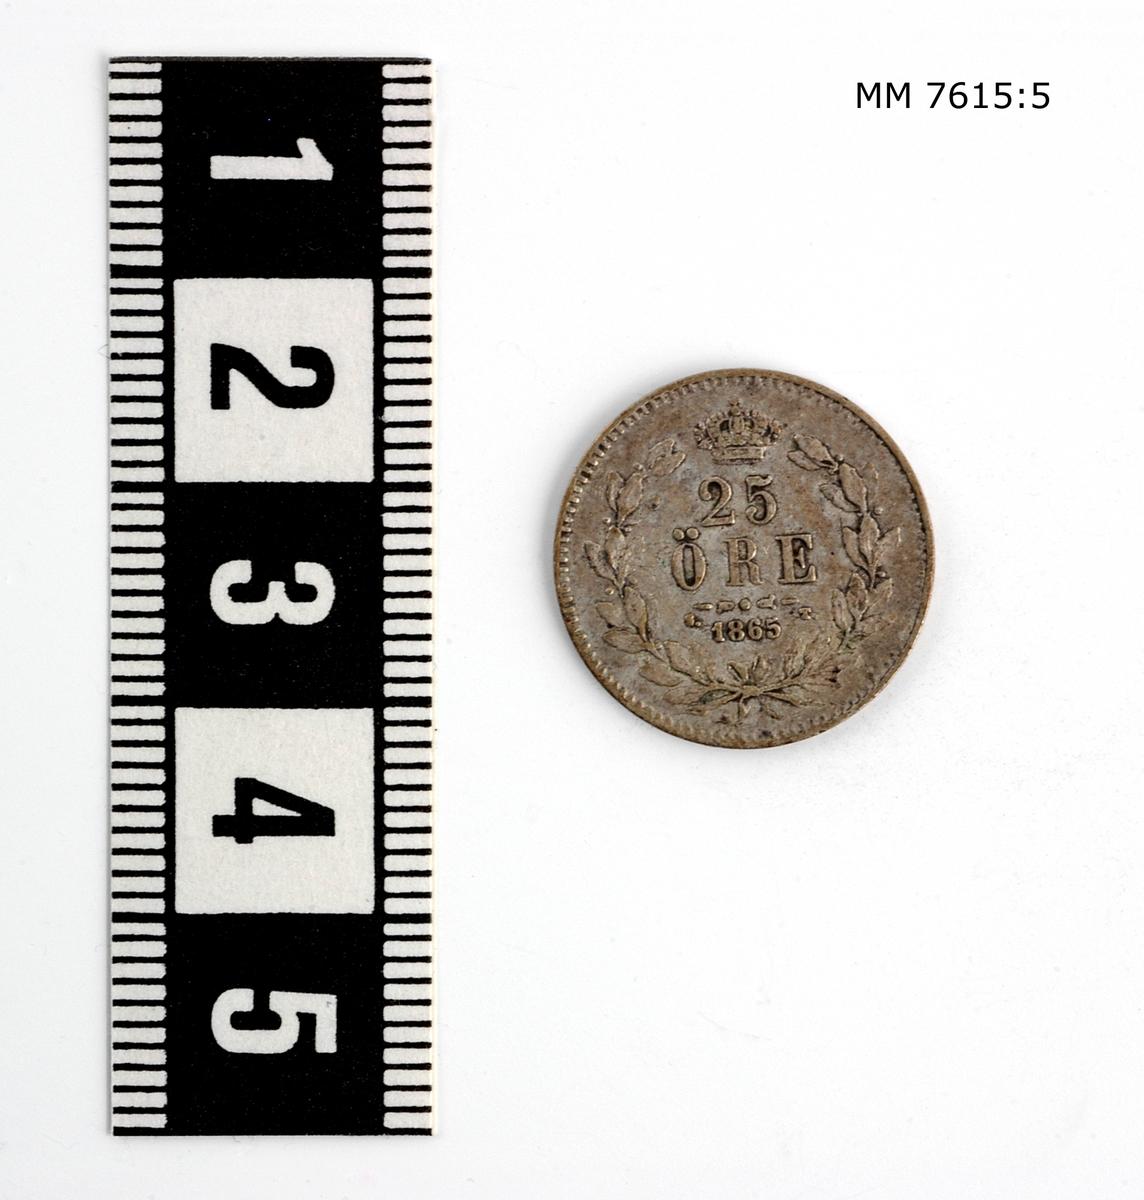 Mynt, svenskt, av silver. 25 öre från år 1865 Oscar II:s tid.